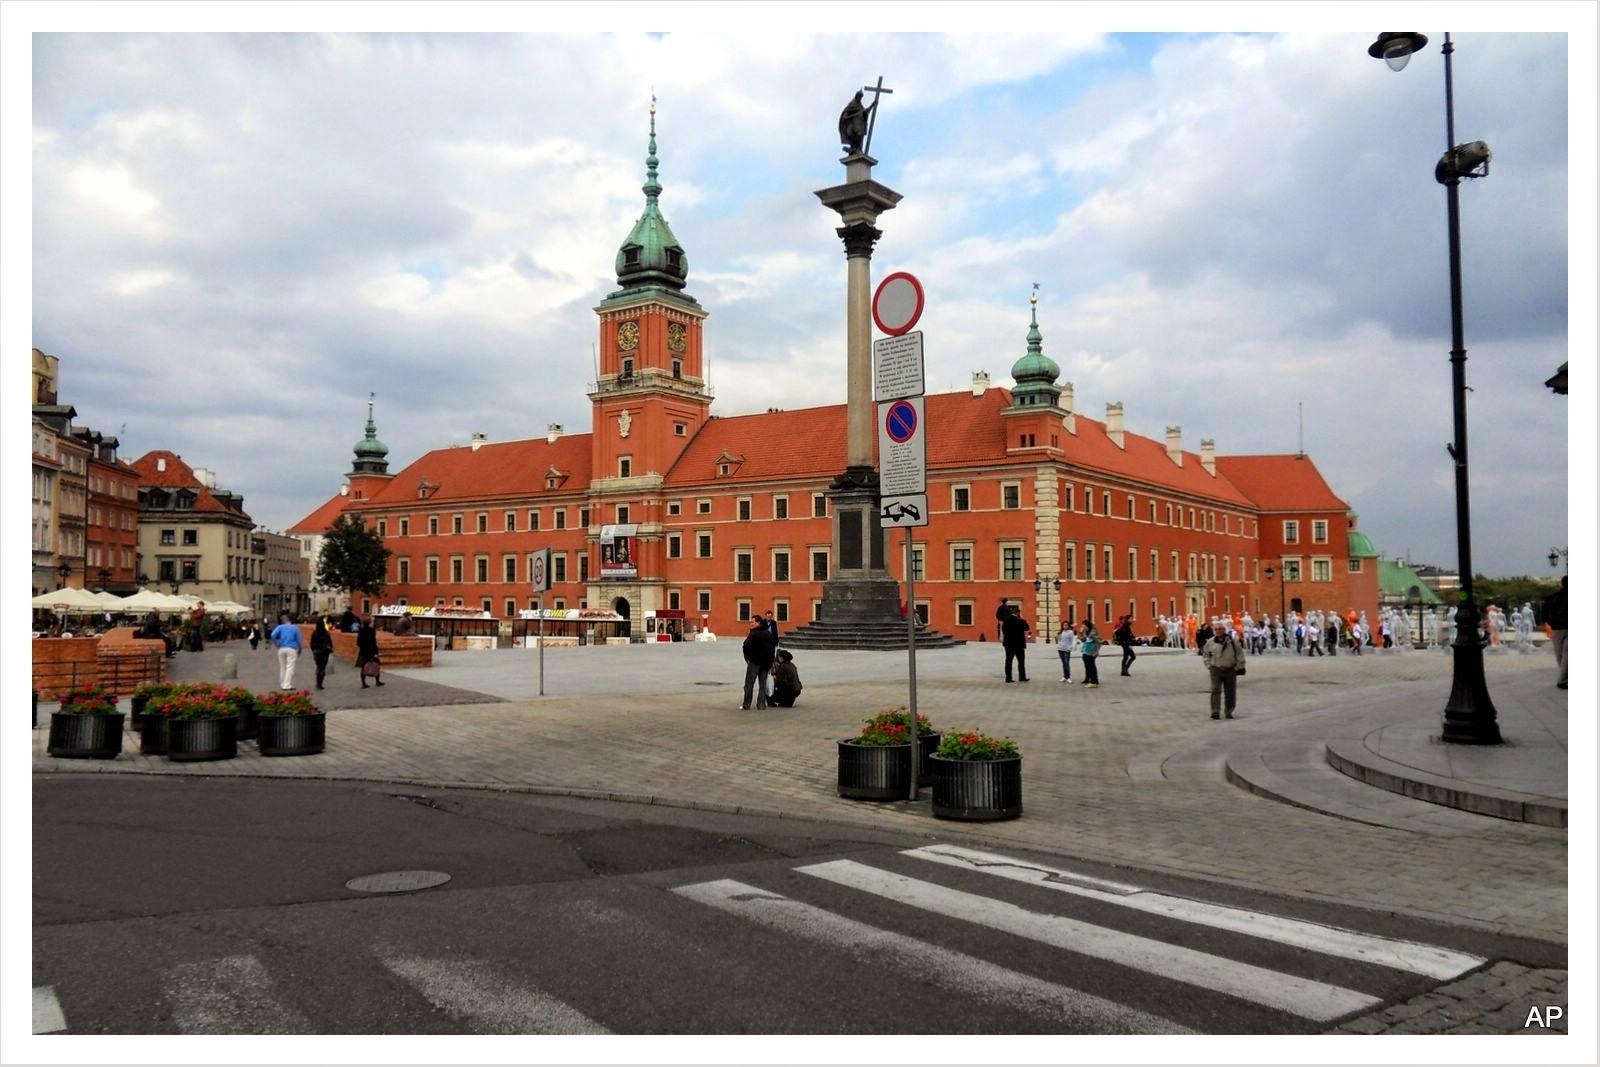 Königsschloss-Schlossplatz